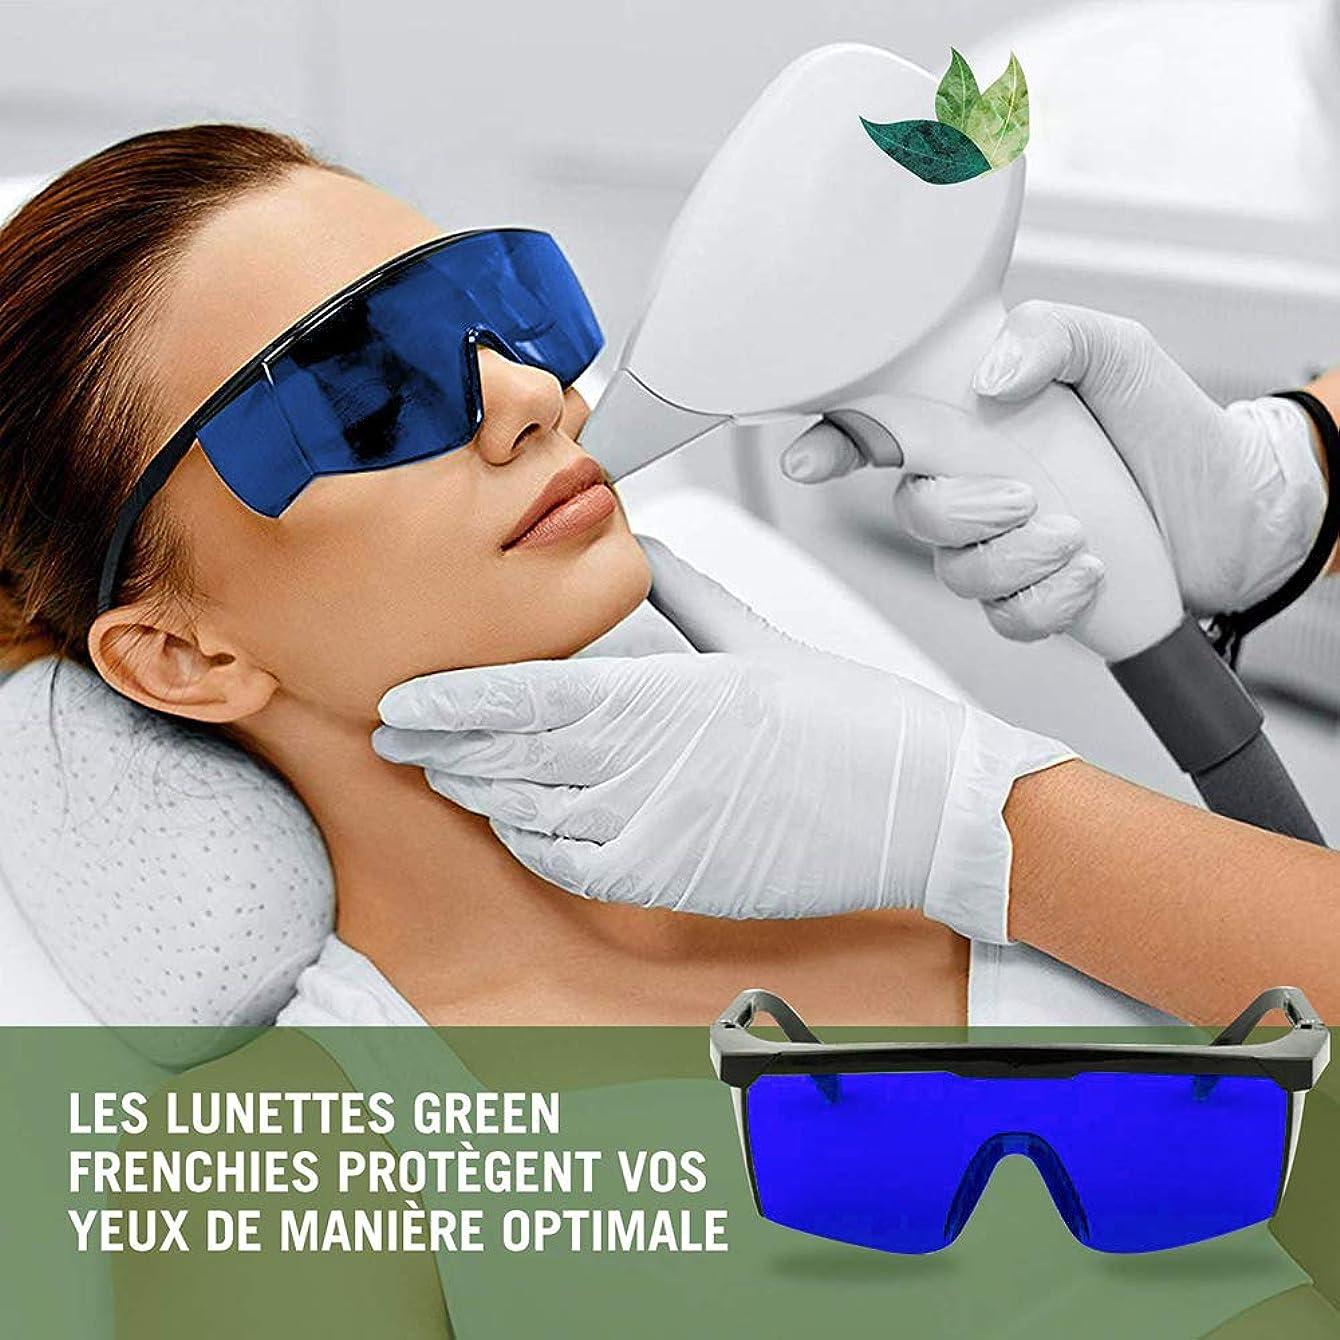 保育園絶壁でもaomashangmao 2019レーザー脱毛およびパルス光用保護メガネ